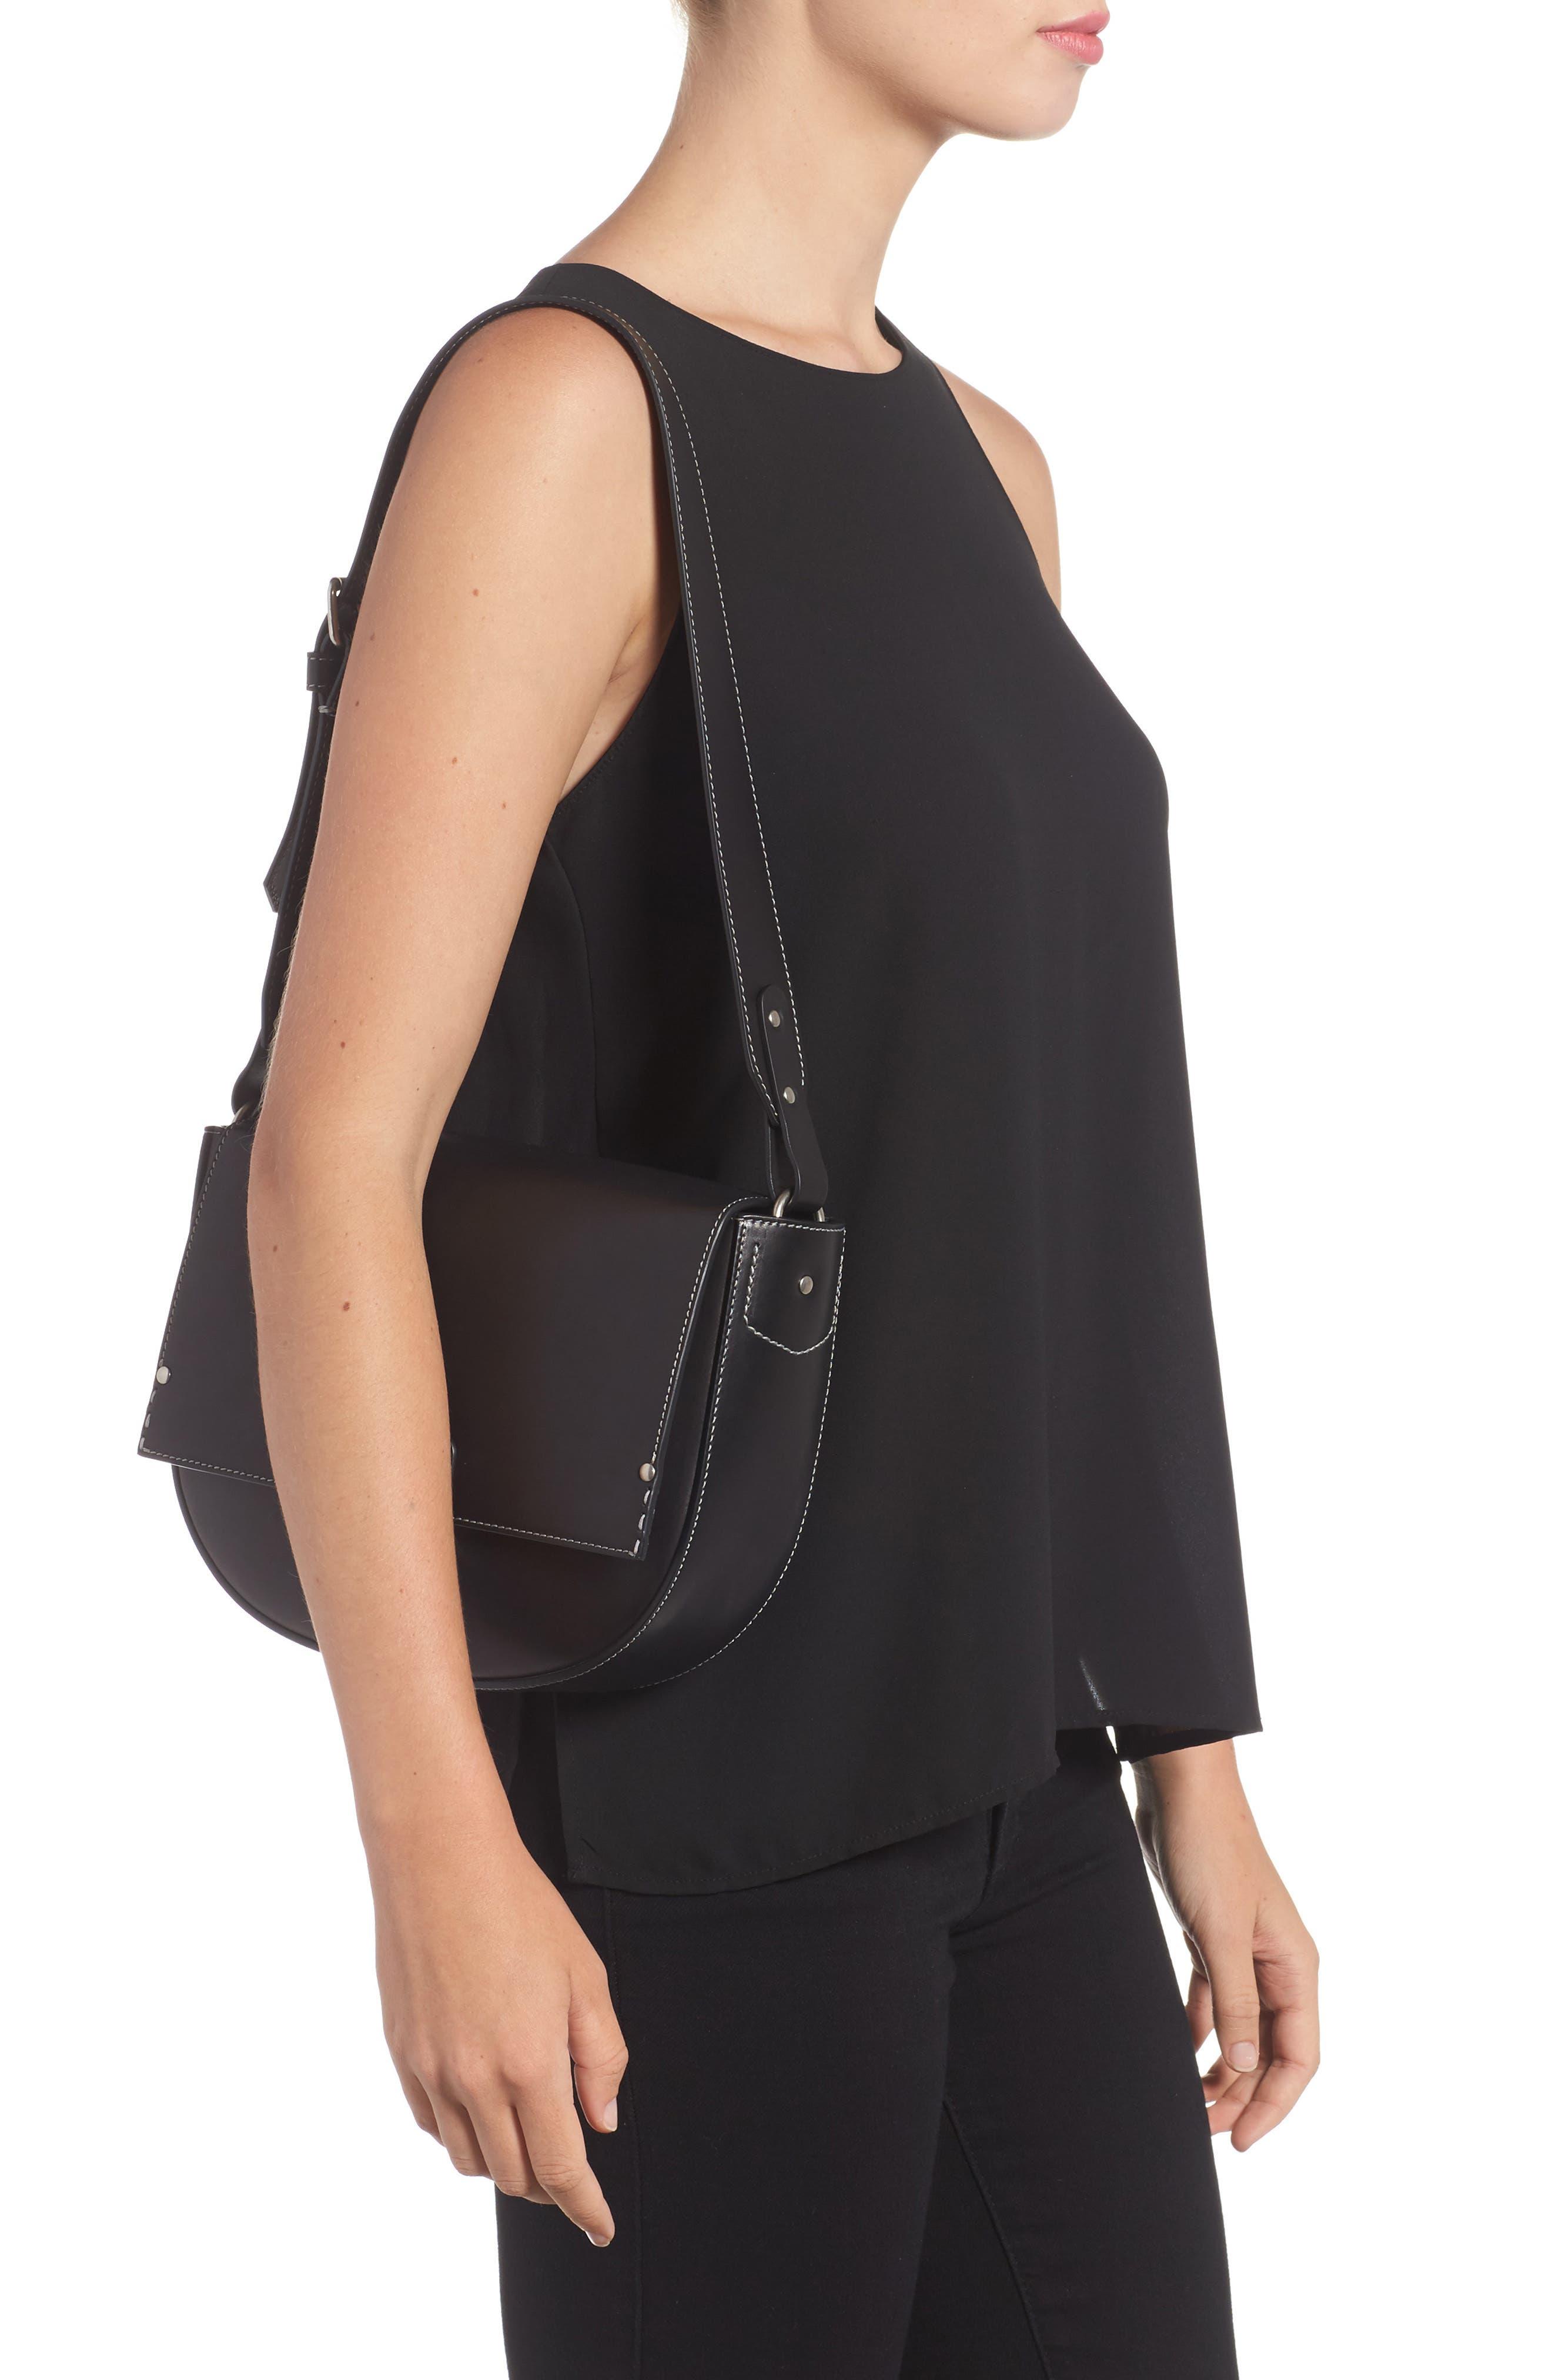 Marlow II Leather Shoulder Bag,                             Alternate thumbnail 2, color,                             001